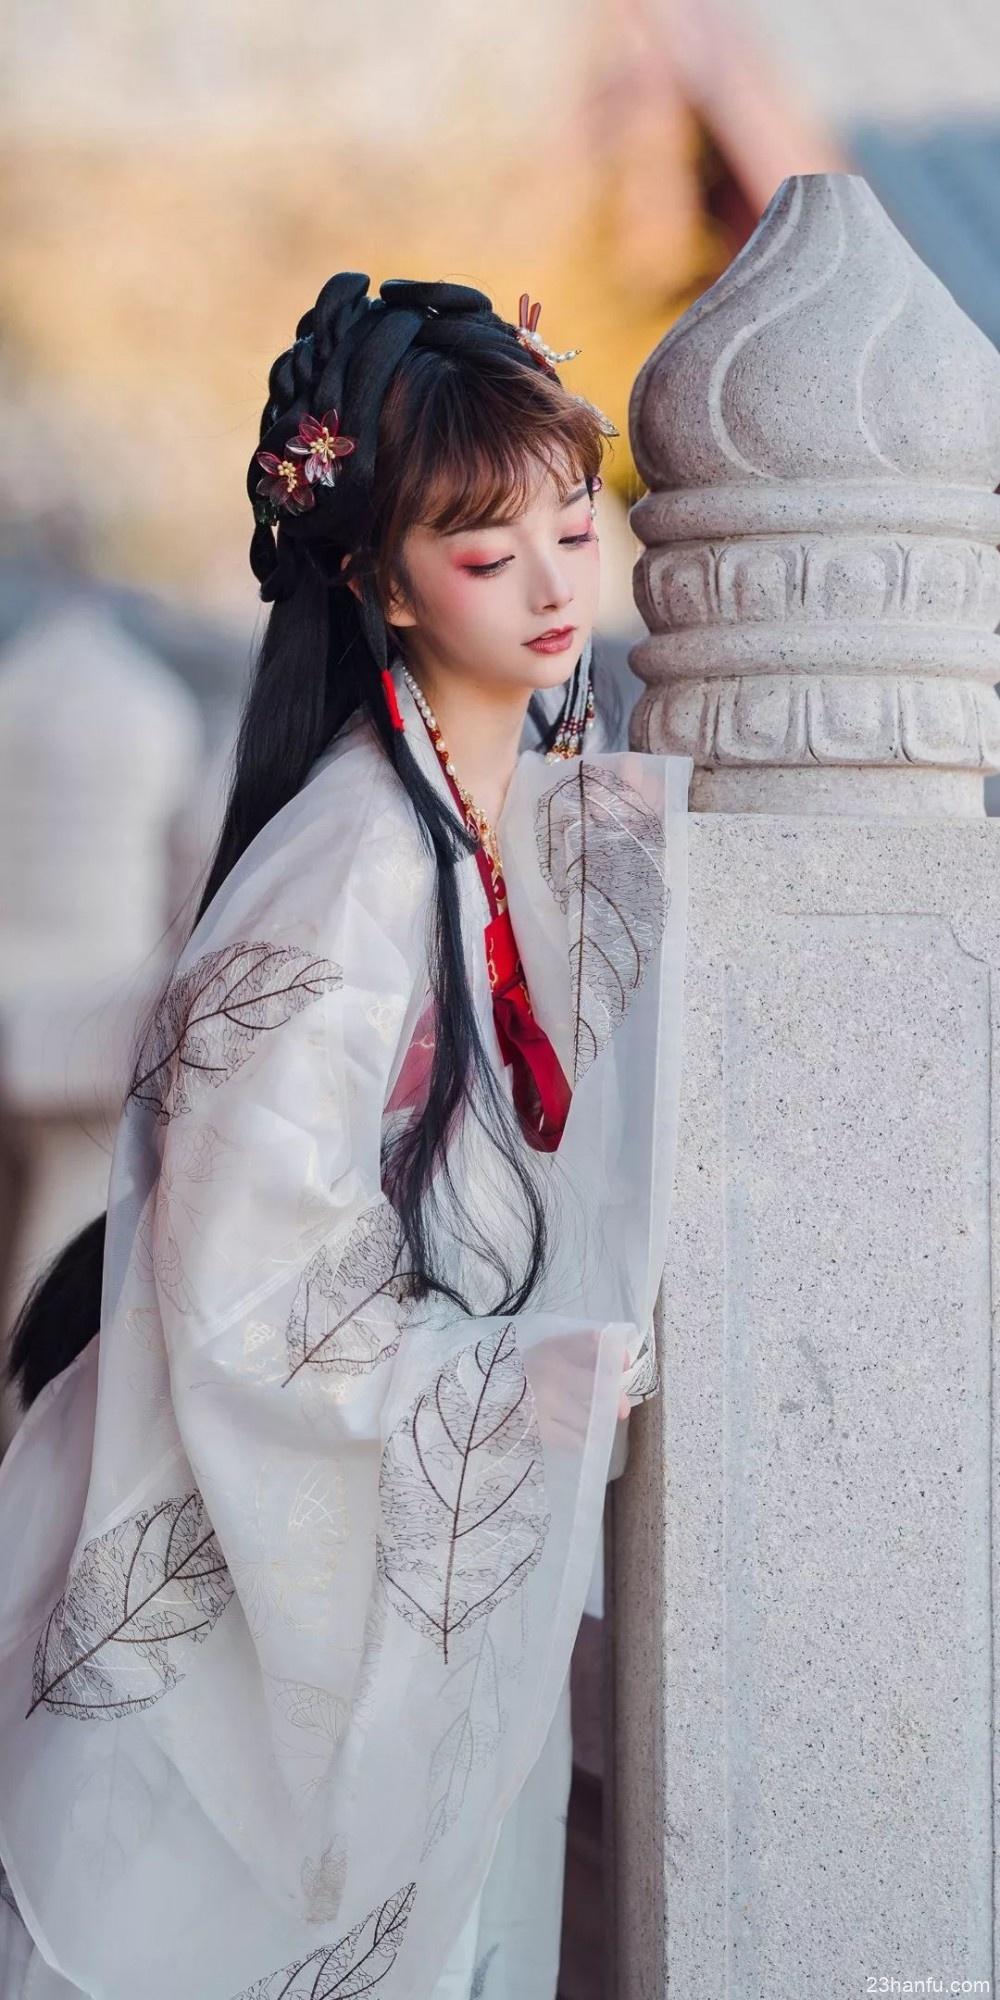 【汉服壁纸】让你欲得不能黯然销魂的汉服小姐姐